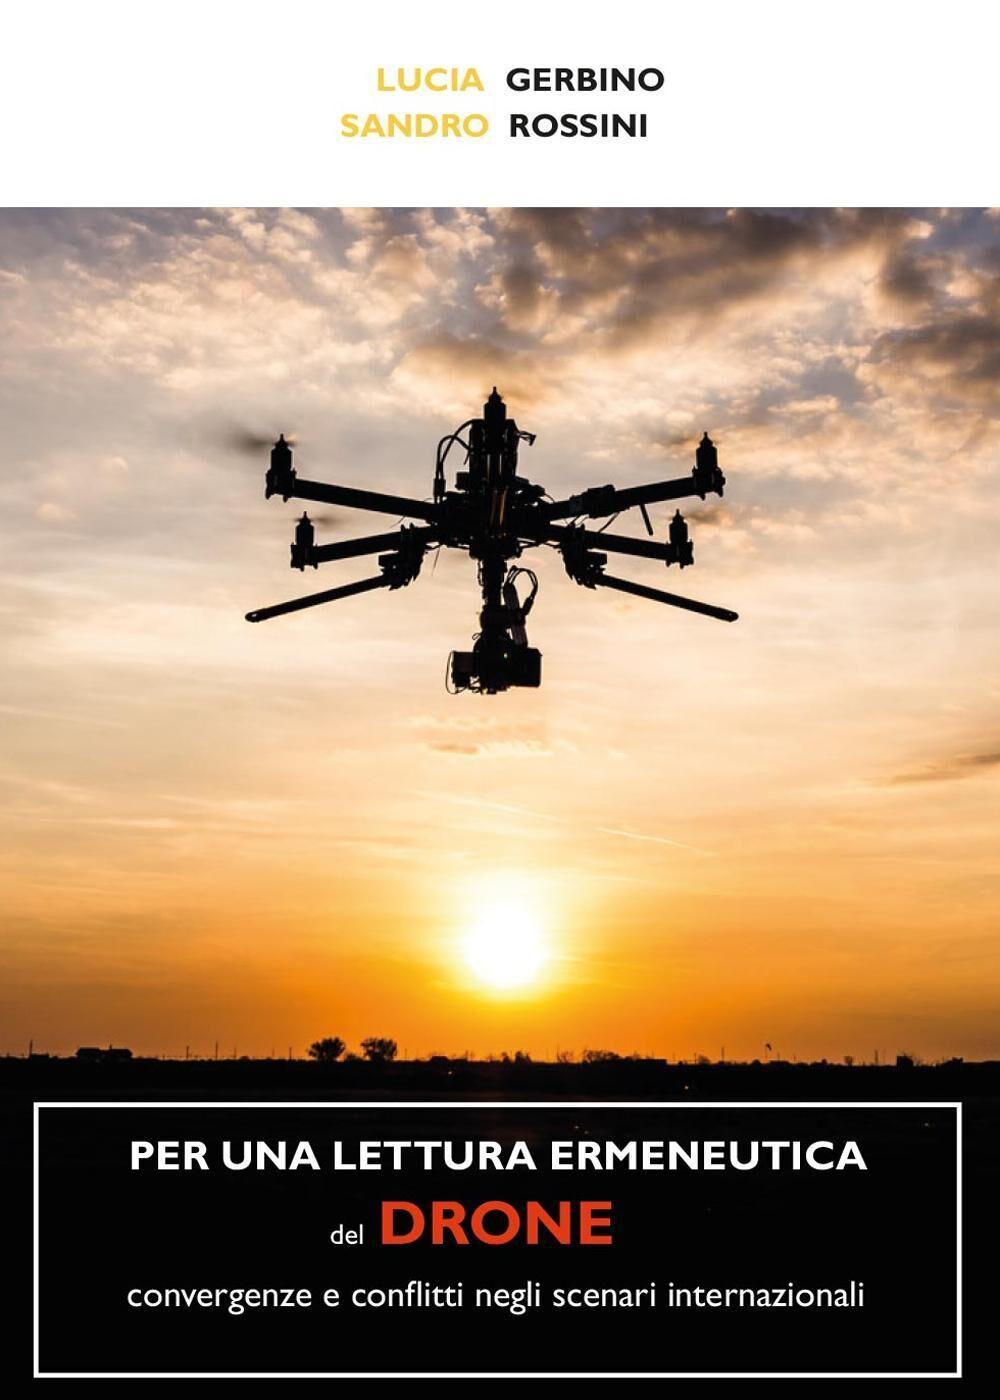 Per una lettura ermeneutica del drone. Convergenze e conflitti negli scenari internazionali